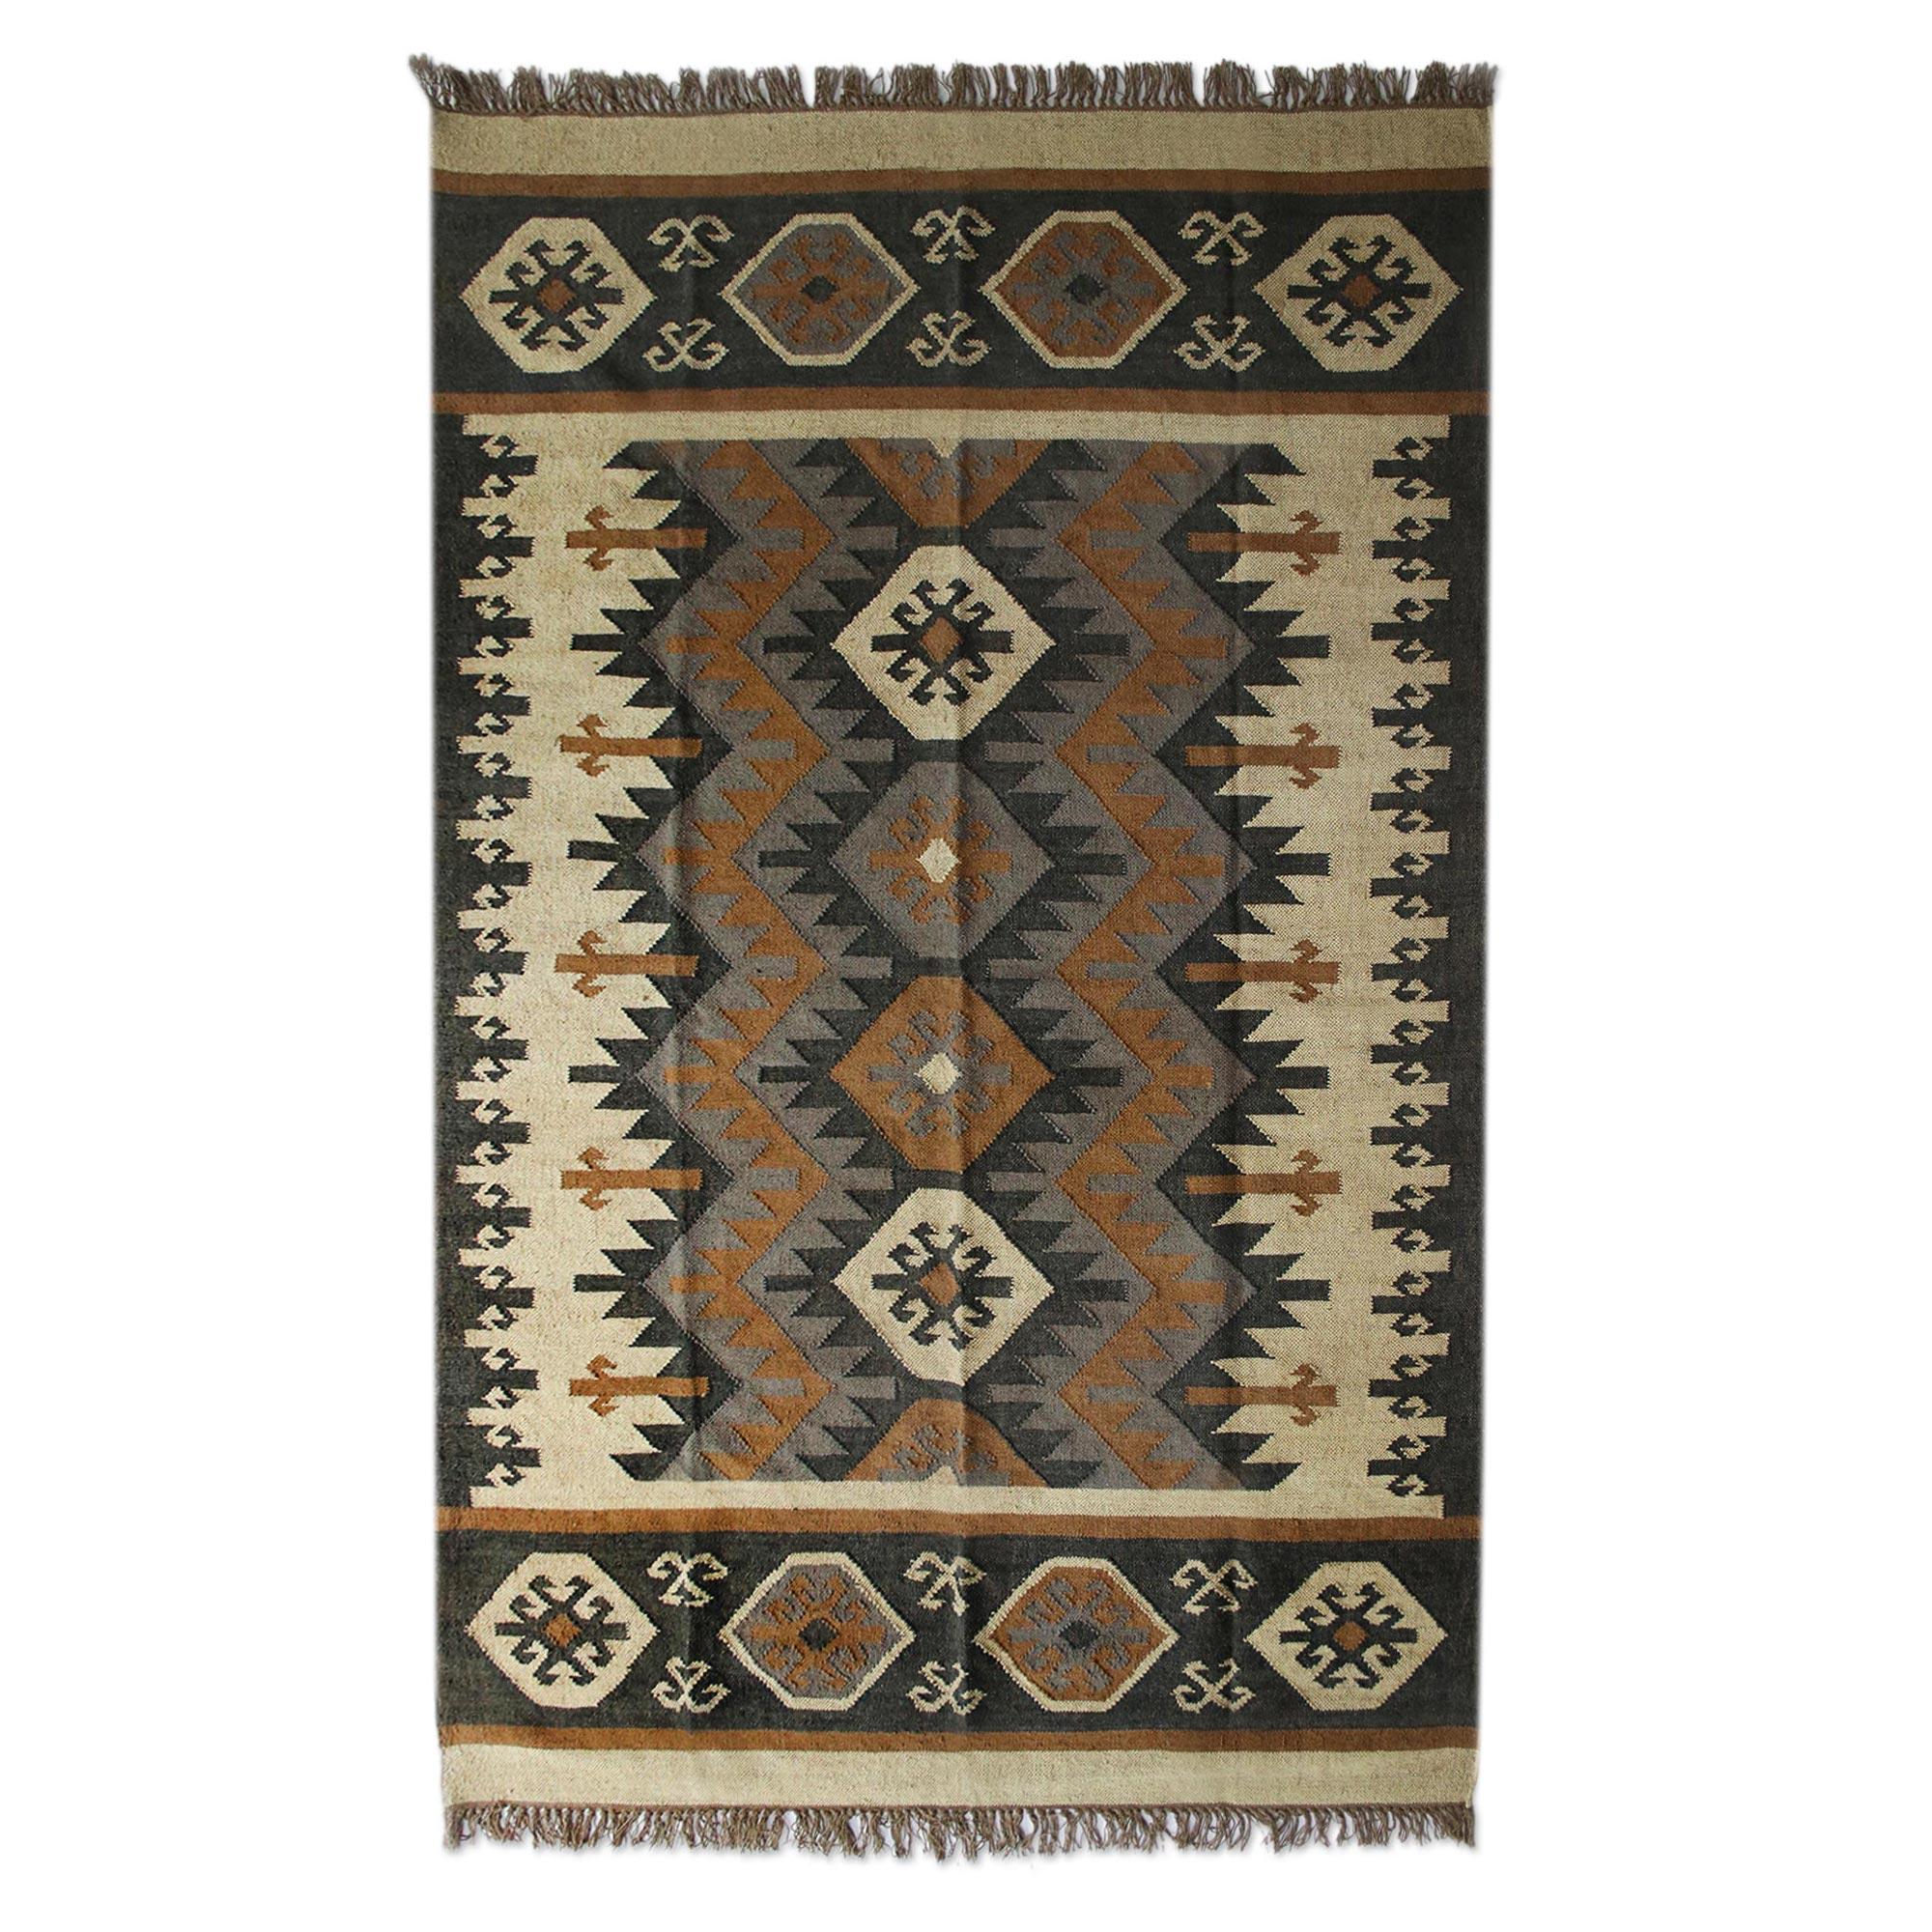 Earth Tone Geometric Wool Dhurrie Rug From India 3x5 5x8 Geometric Homestead